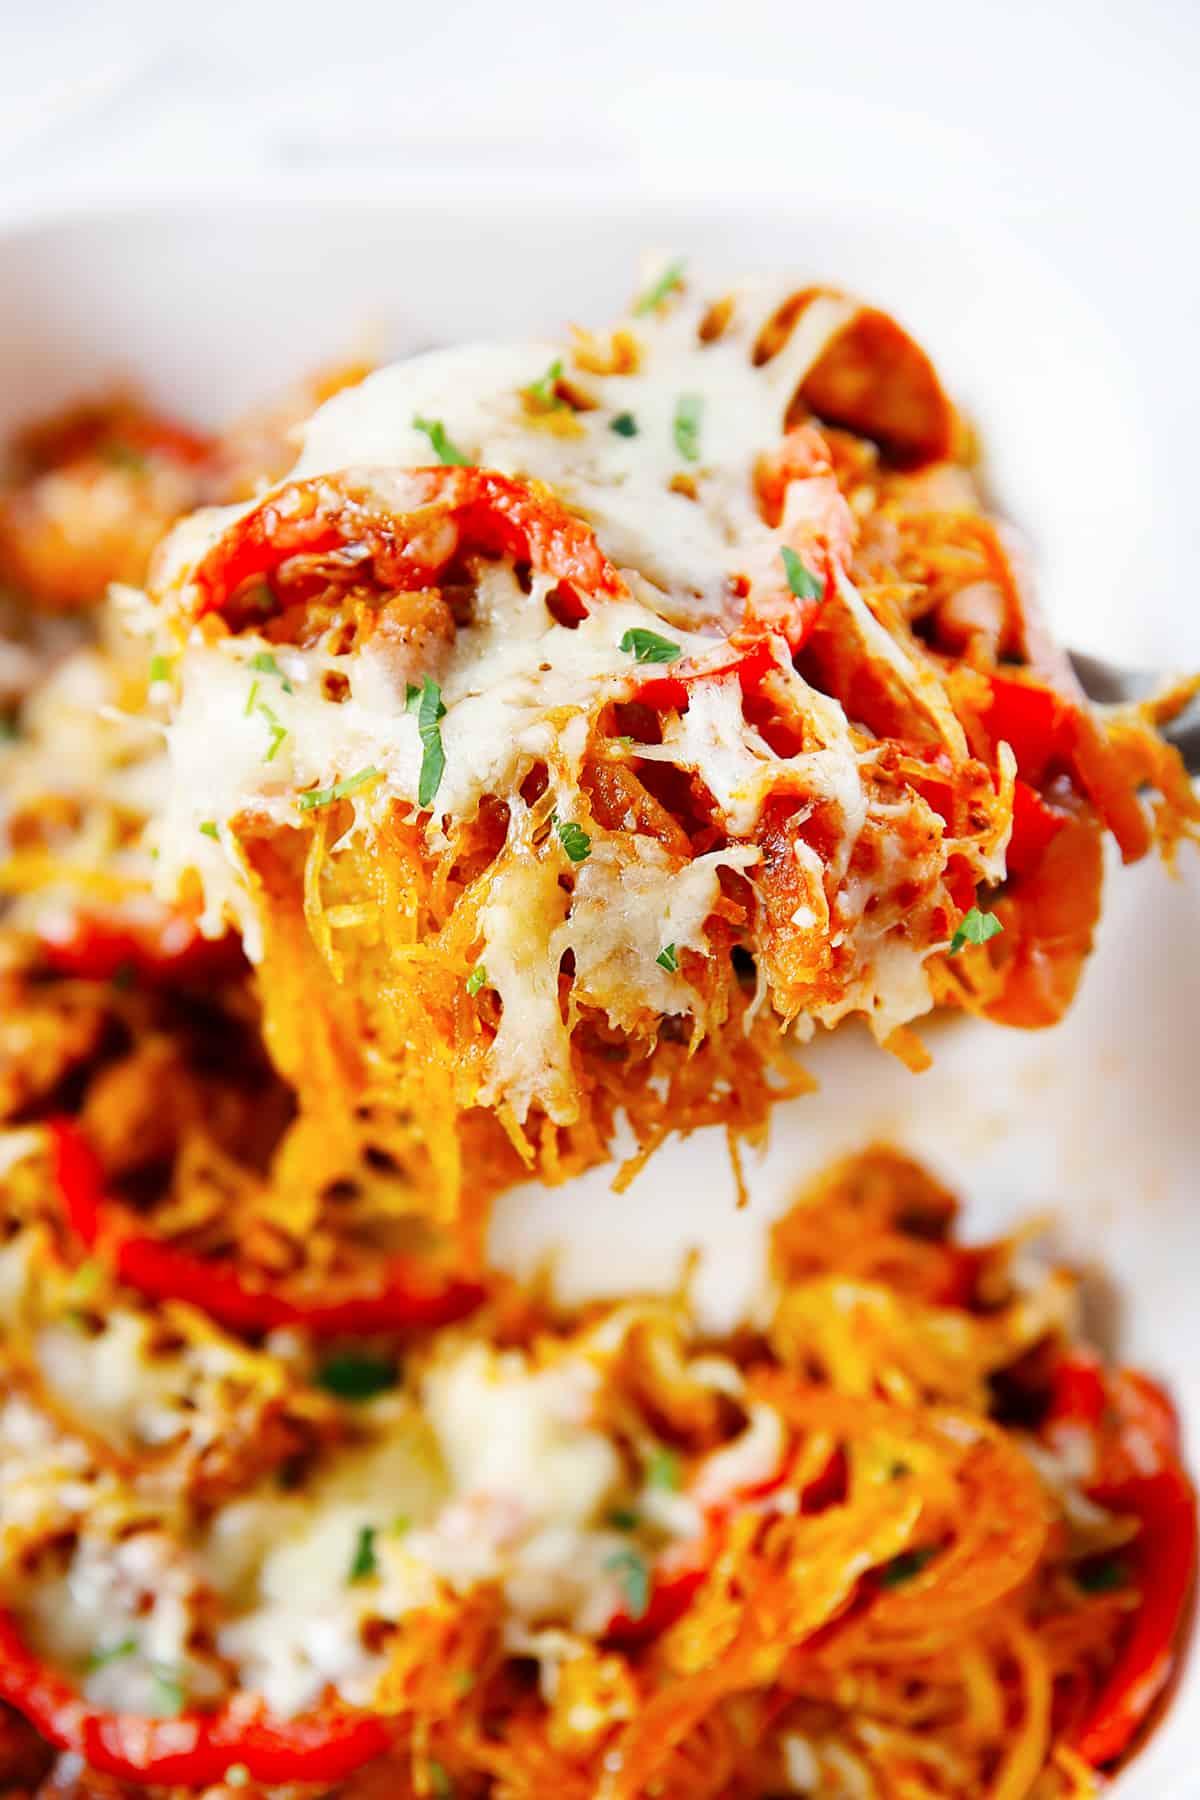 Fajita Spaghetti Squash Casserole on a spoon